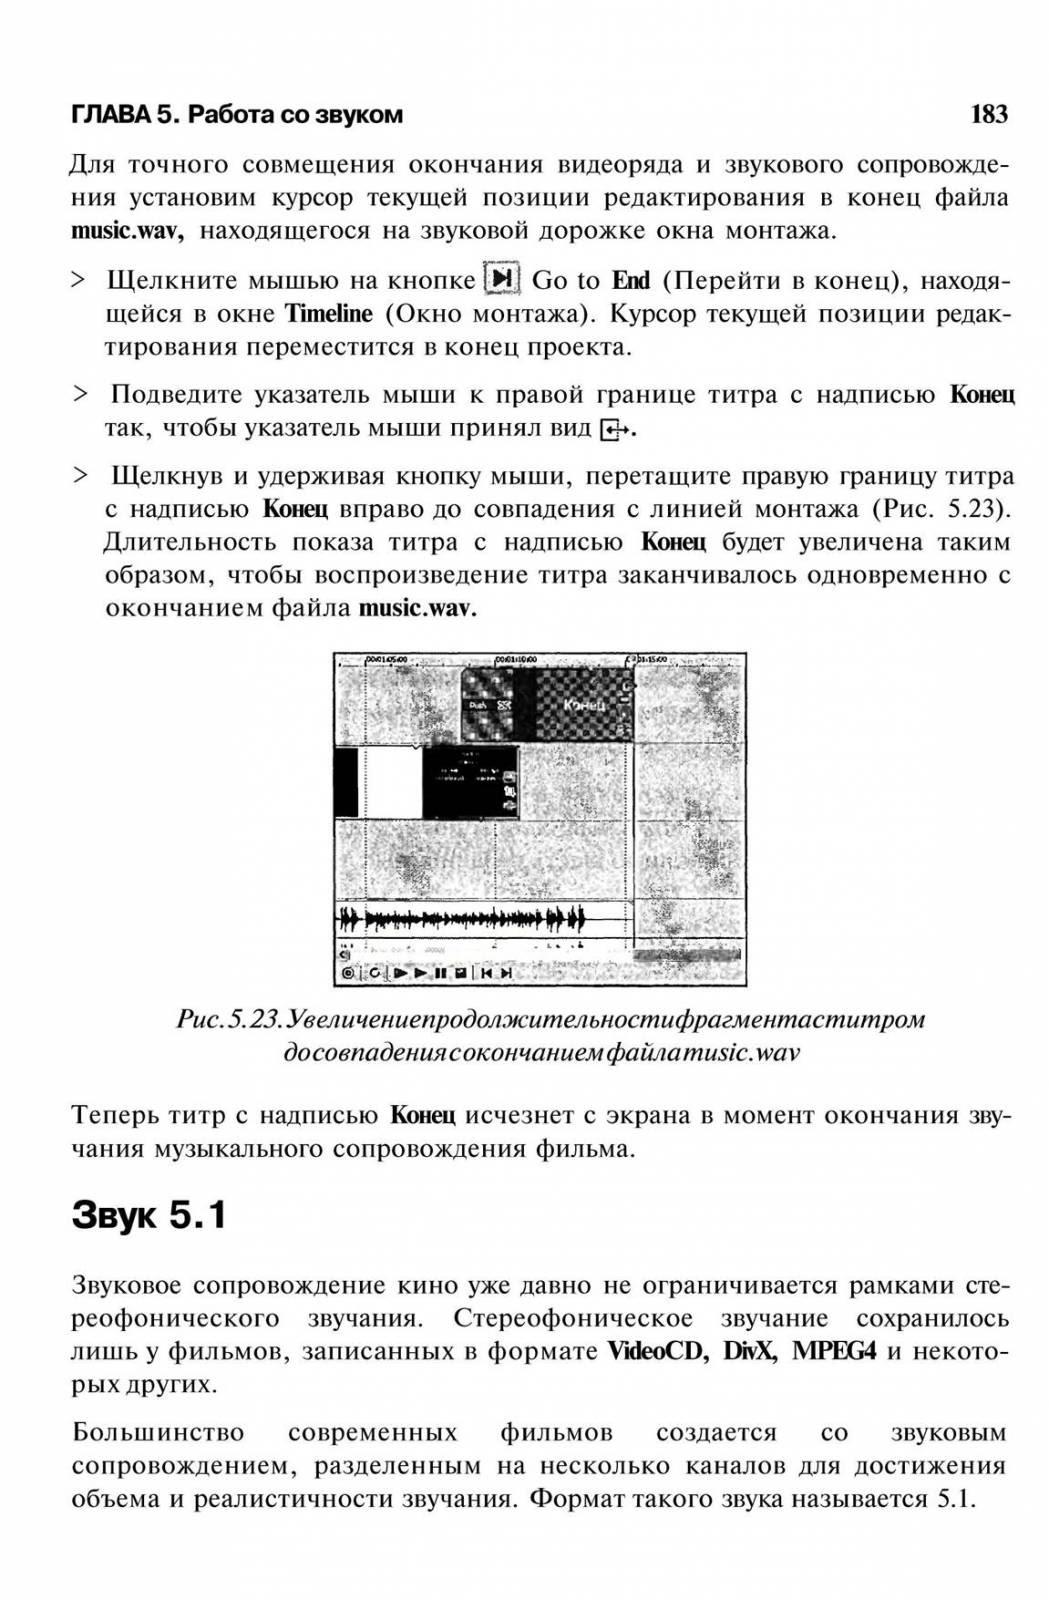 http://redaktori-uroki.3dn.ru/_ph/14/788019335.jpg